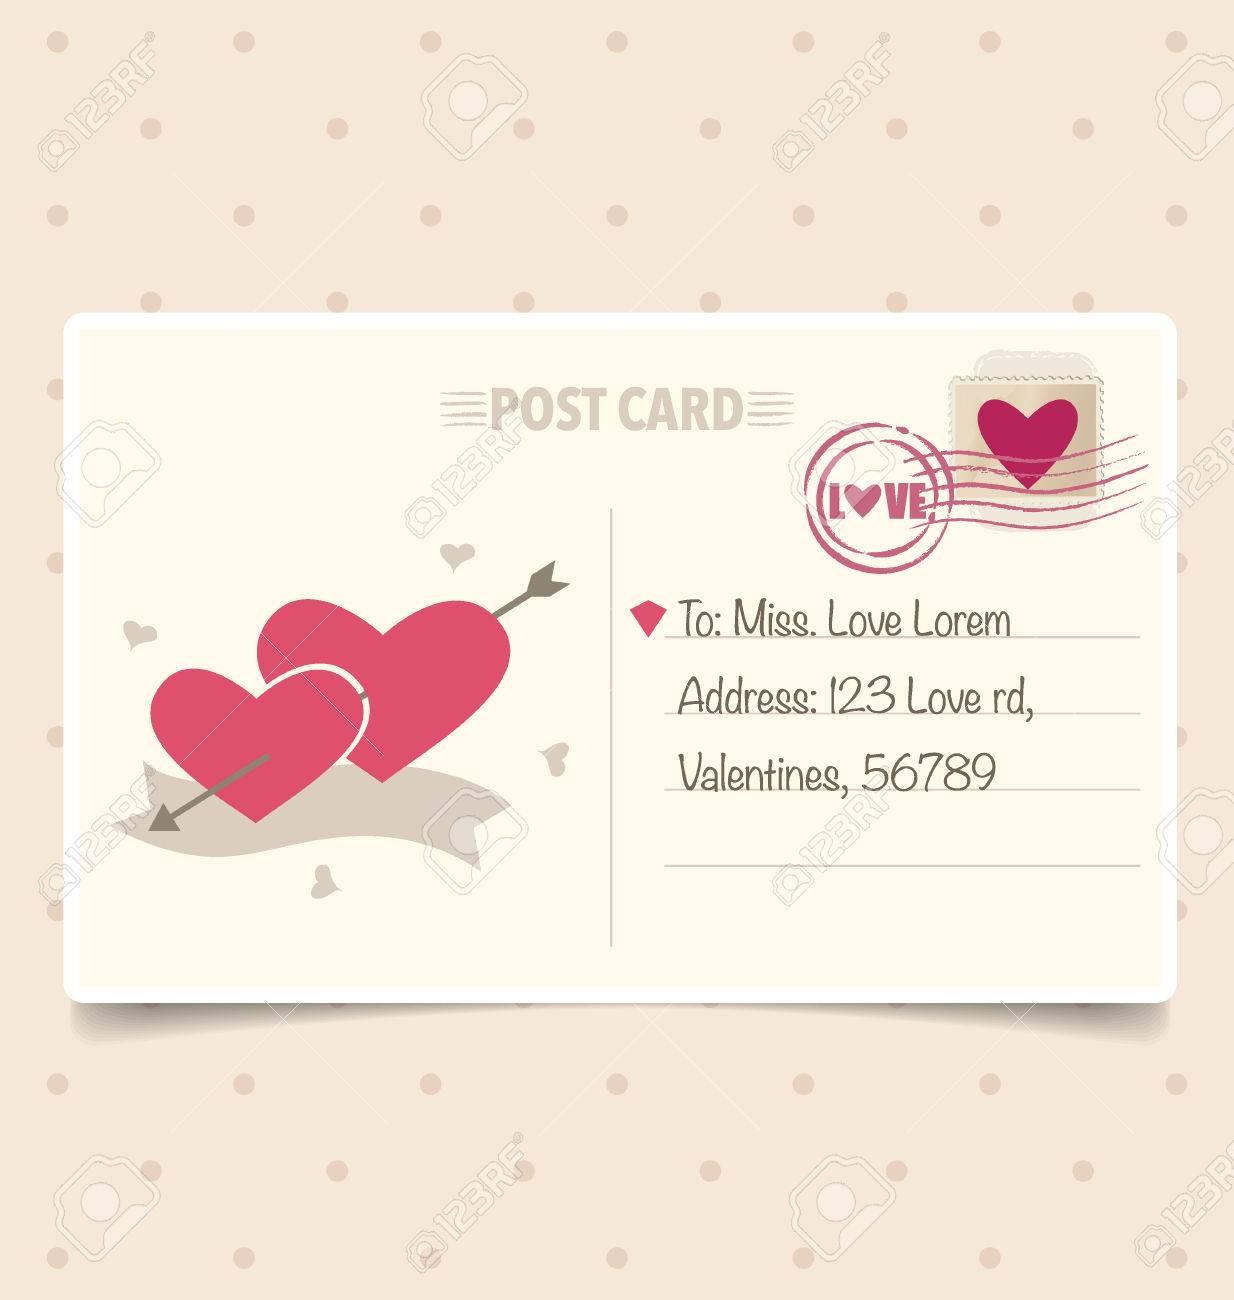 fondo y el franqueo postal de la vendimia sellos para el diseo de tarjetas de